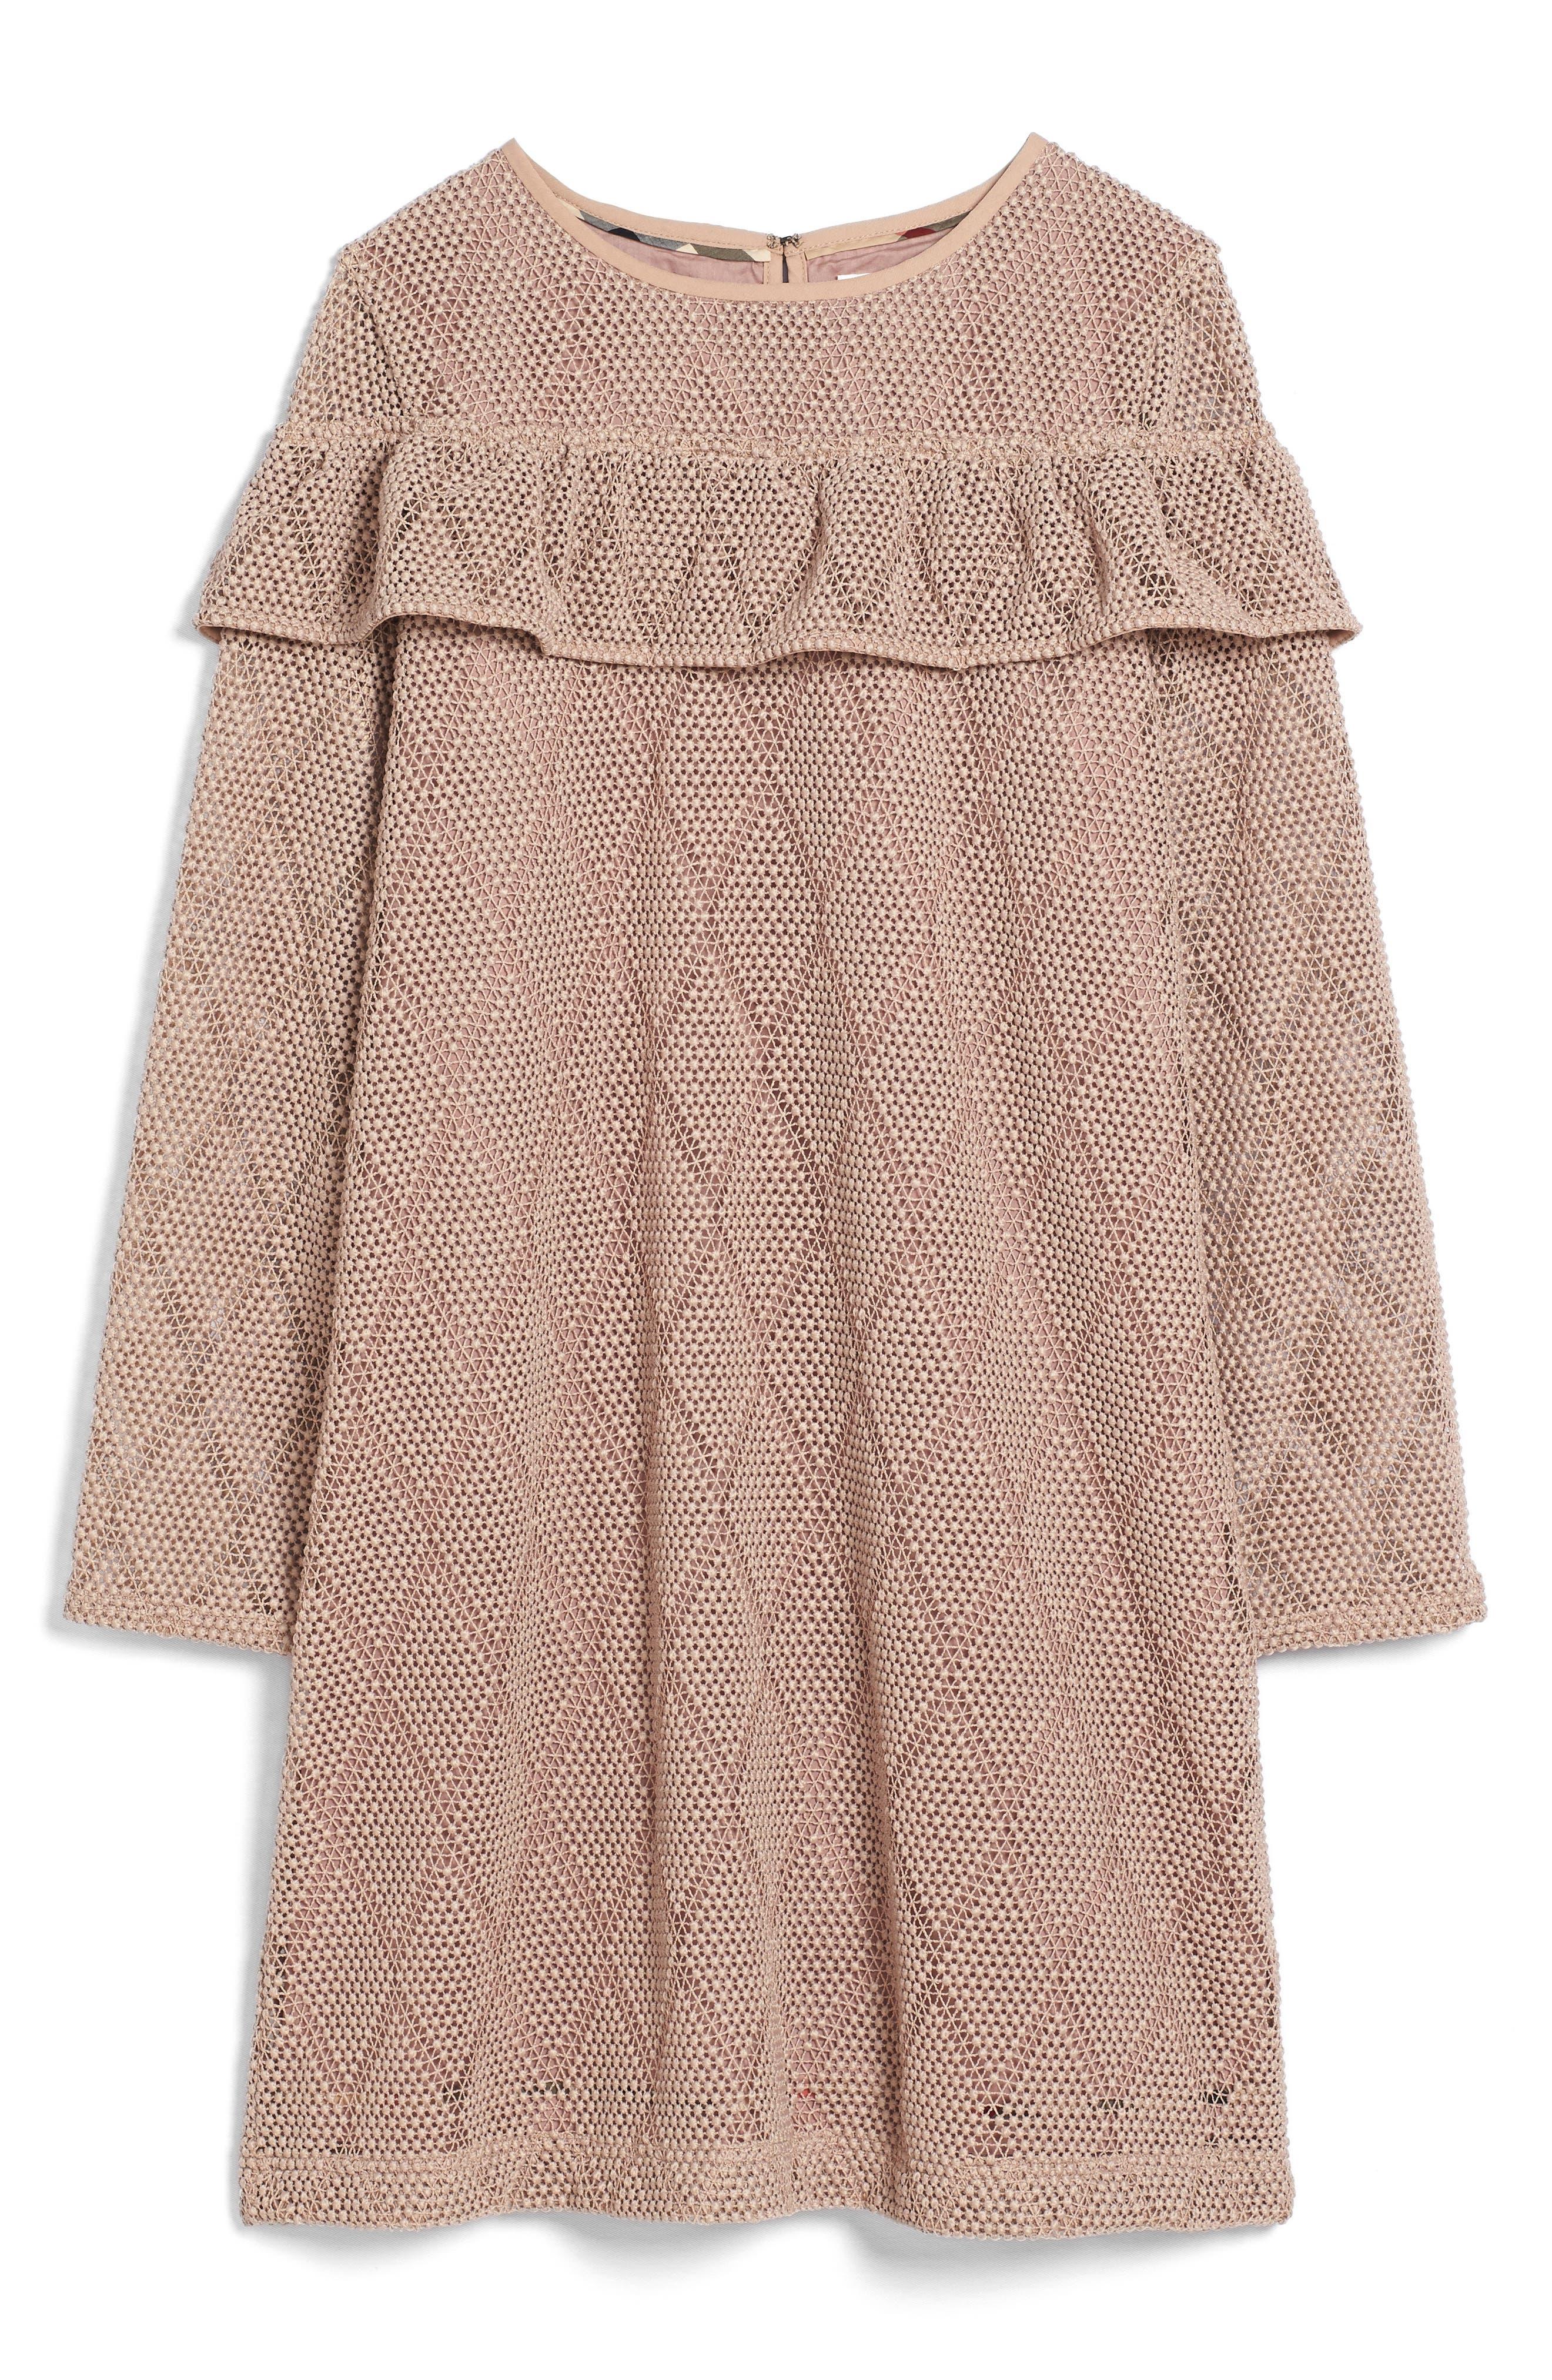 Sabrina Lace Dress,                             Main thumbnail 1, color,                             264